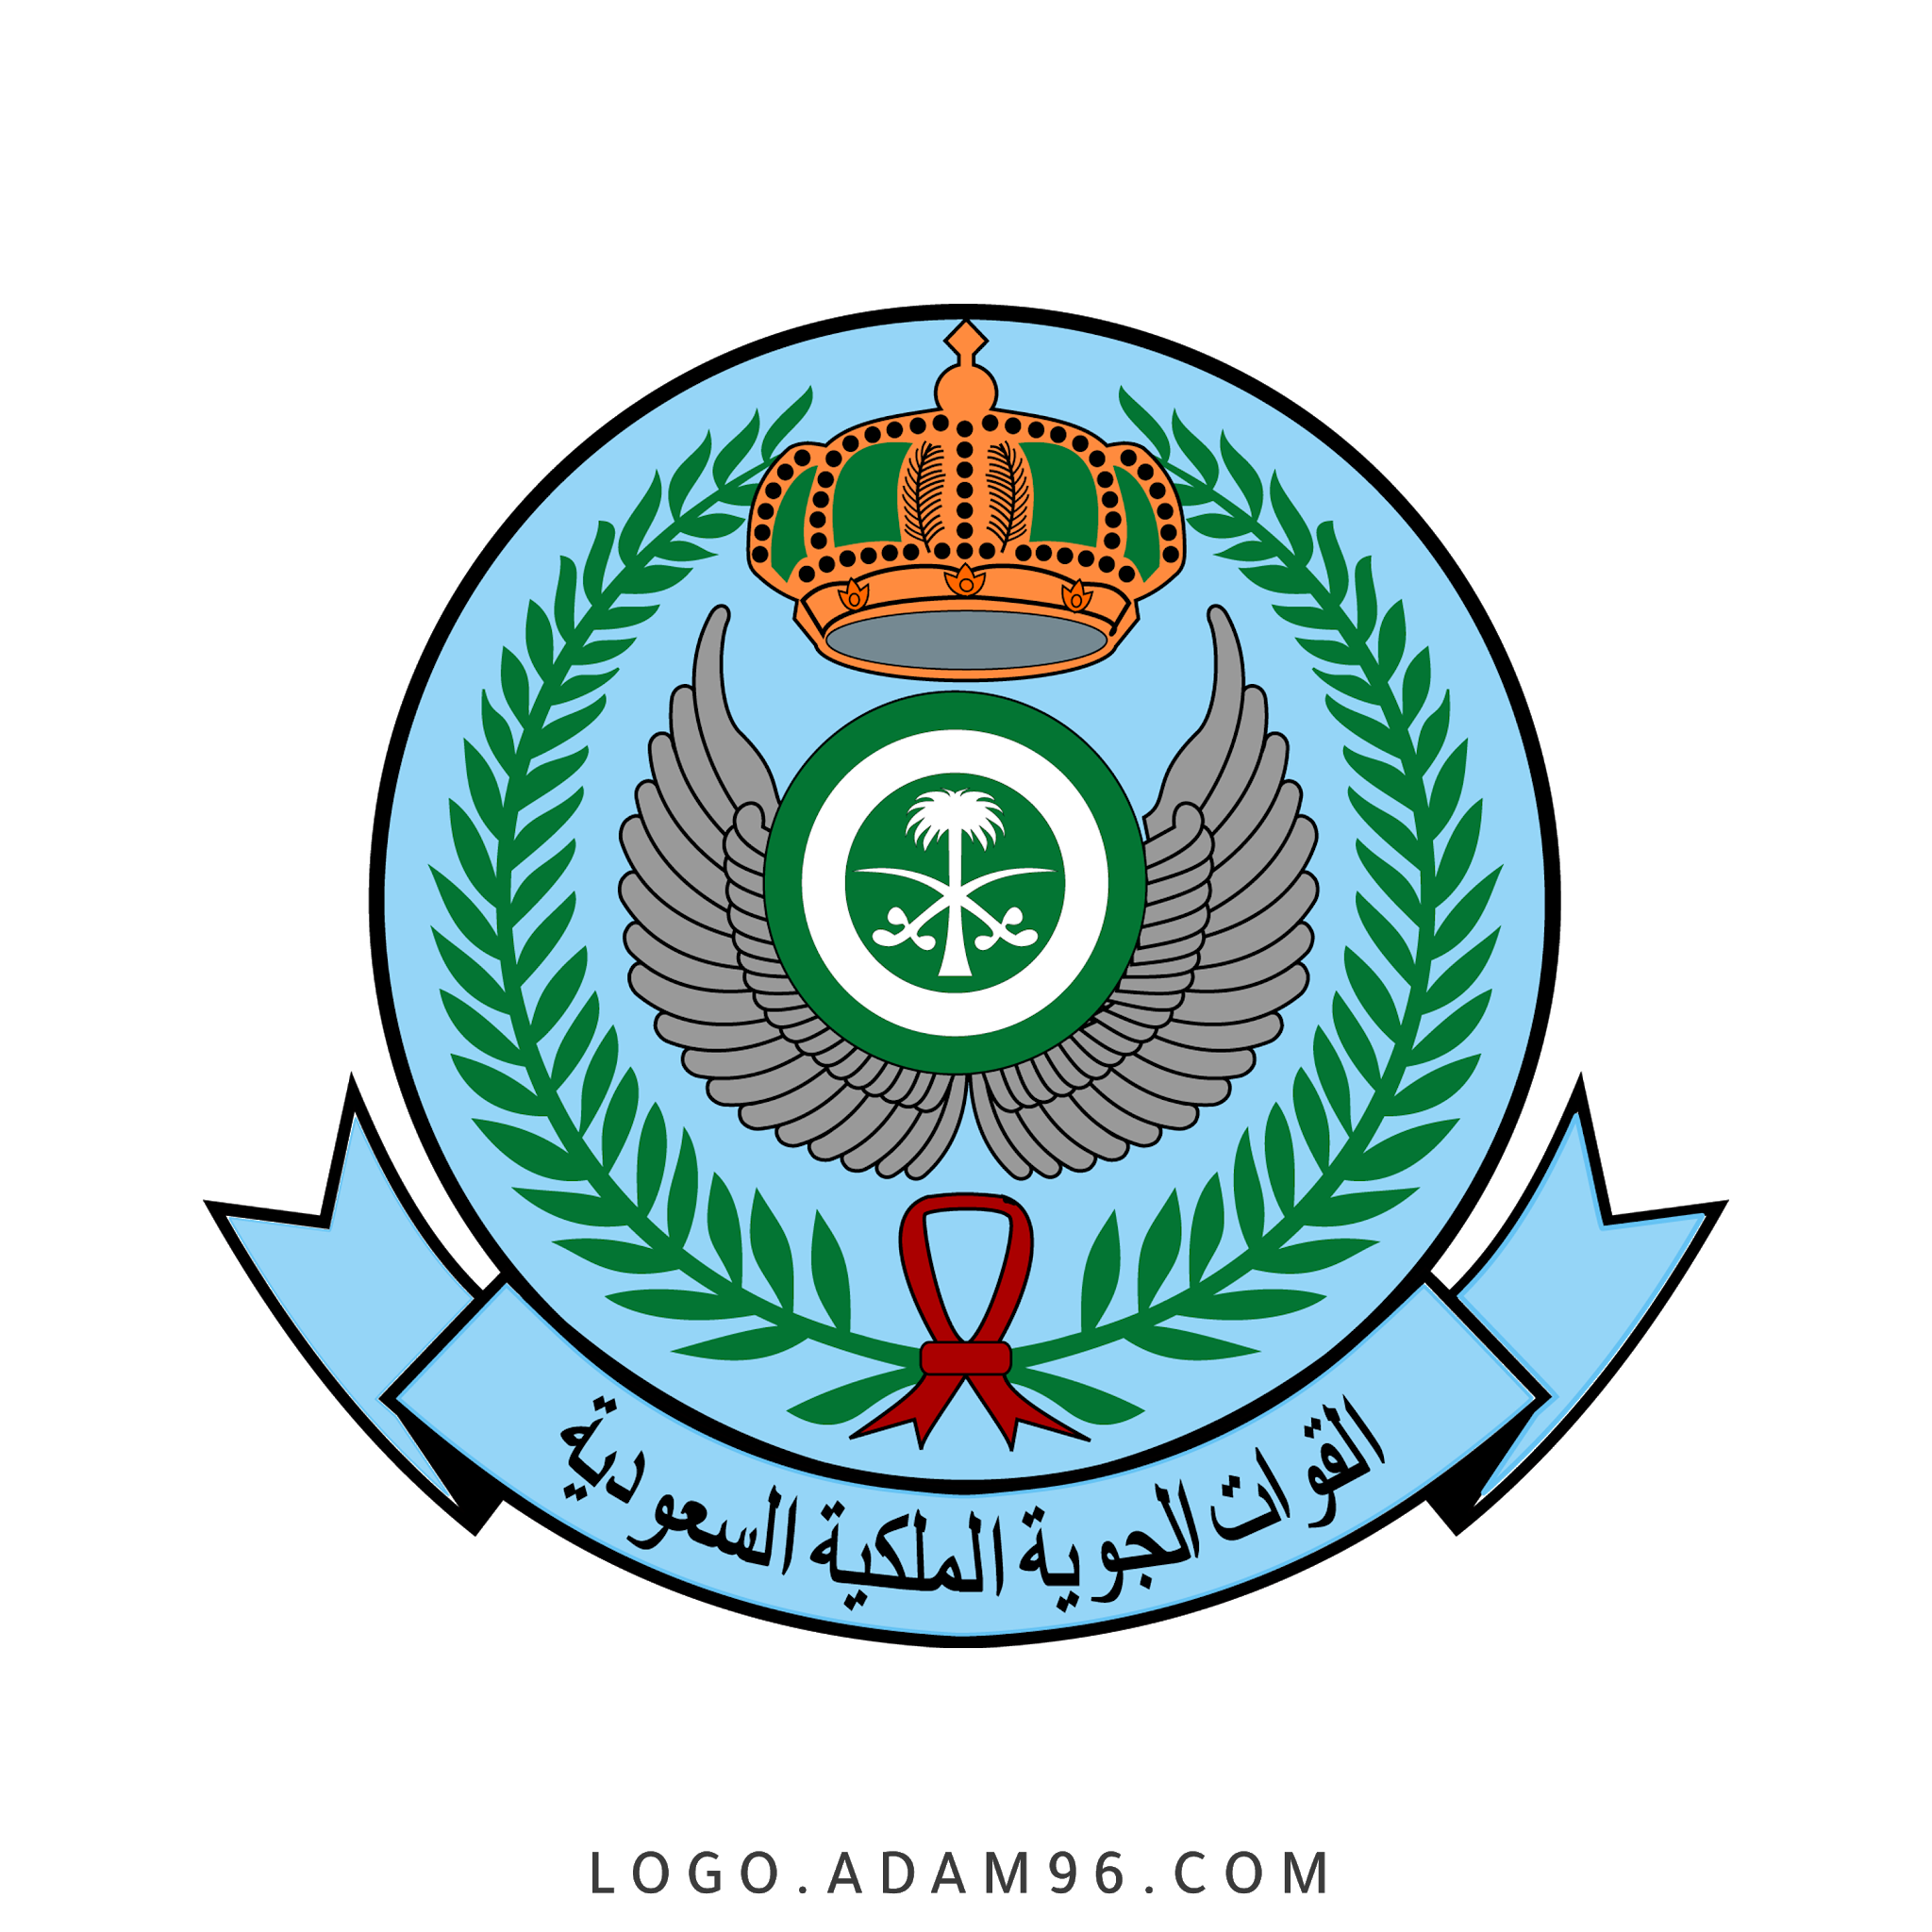 تحميل شعار القوات الجوية الملكية السعودية لوجو رسمي عالي الجودة PNG